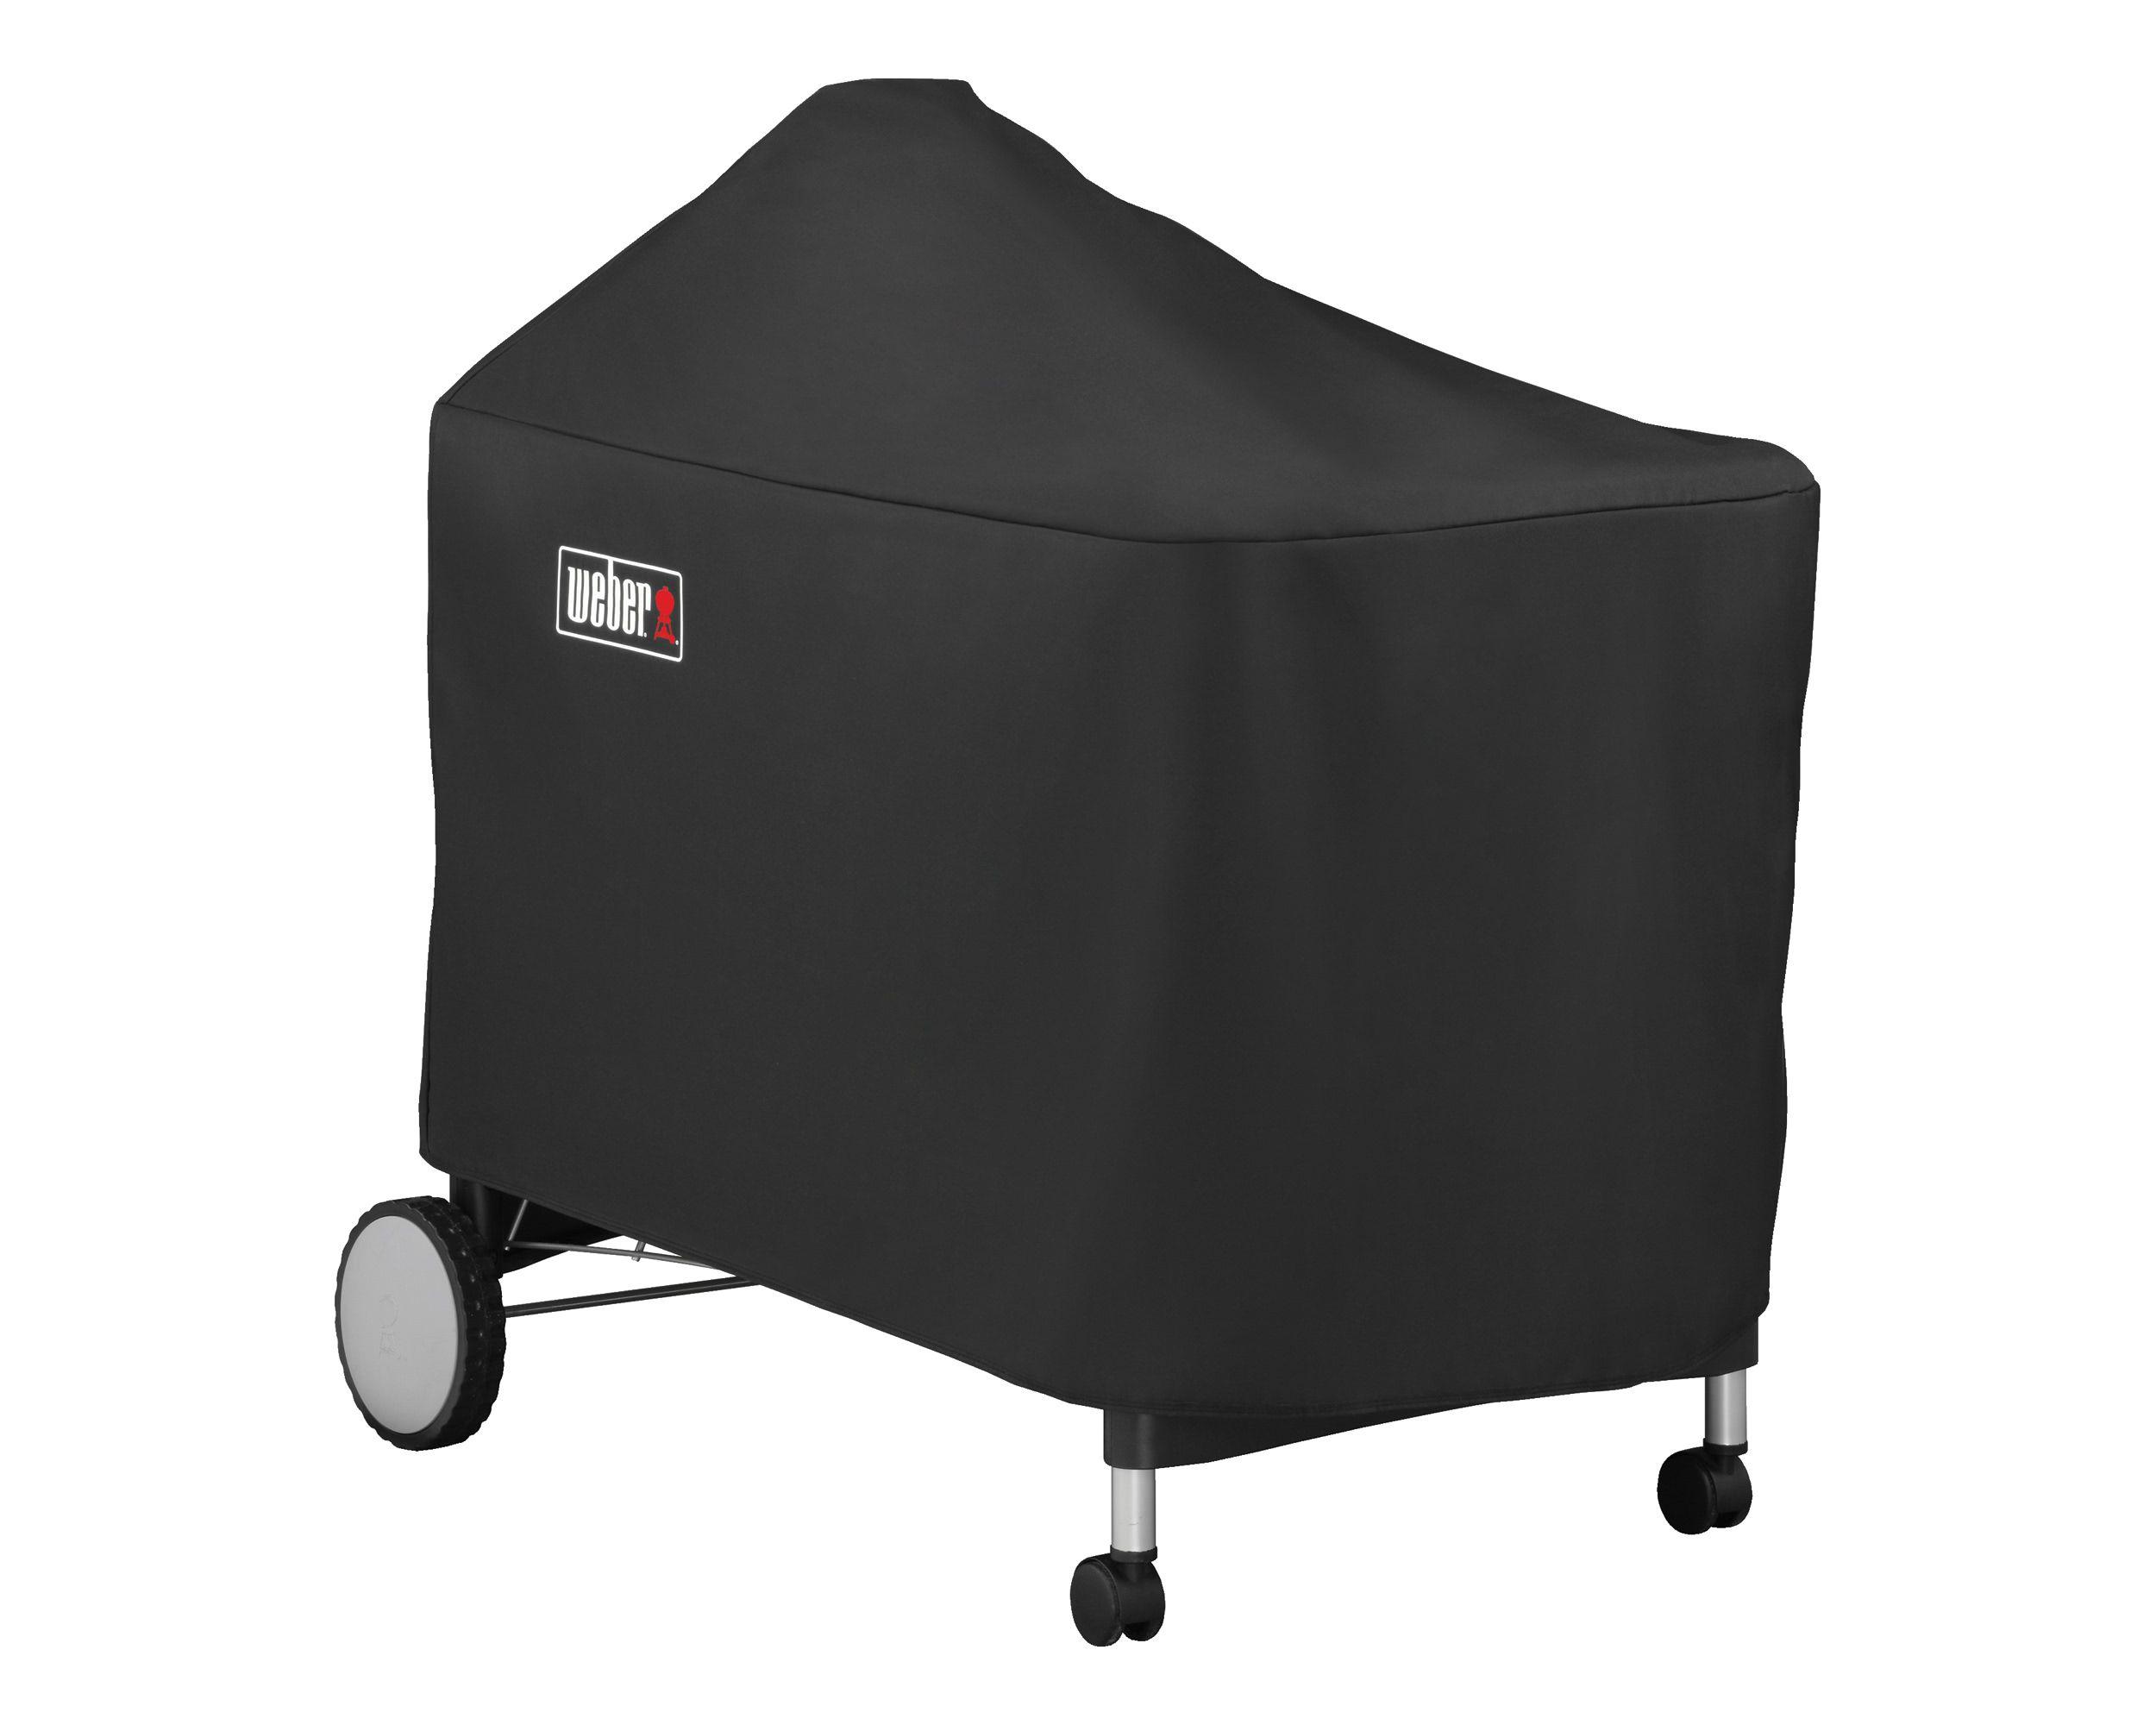 Weber Holzkohlegrill Performer Deluxe Gbs 57 Cm Black : Weber® abdeckhaube premium performer 57 cm abdeckhauben grill